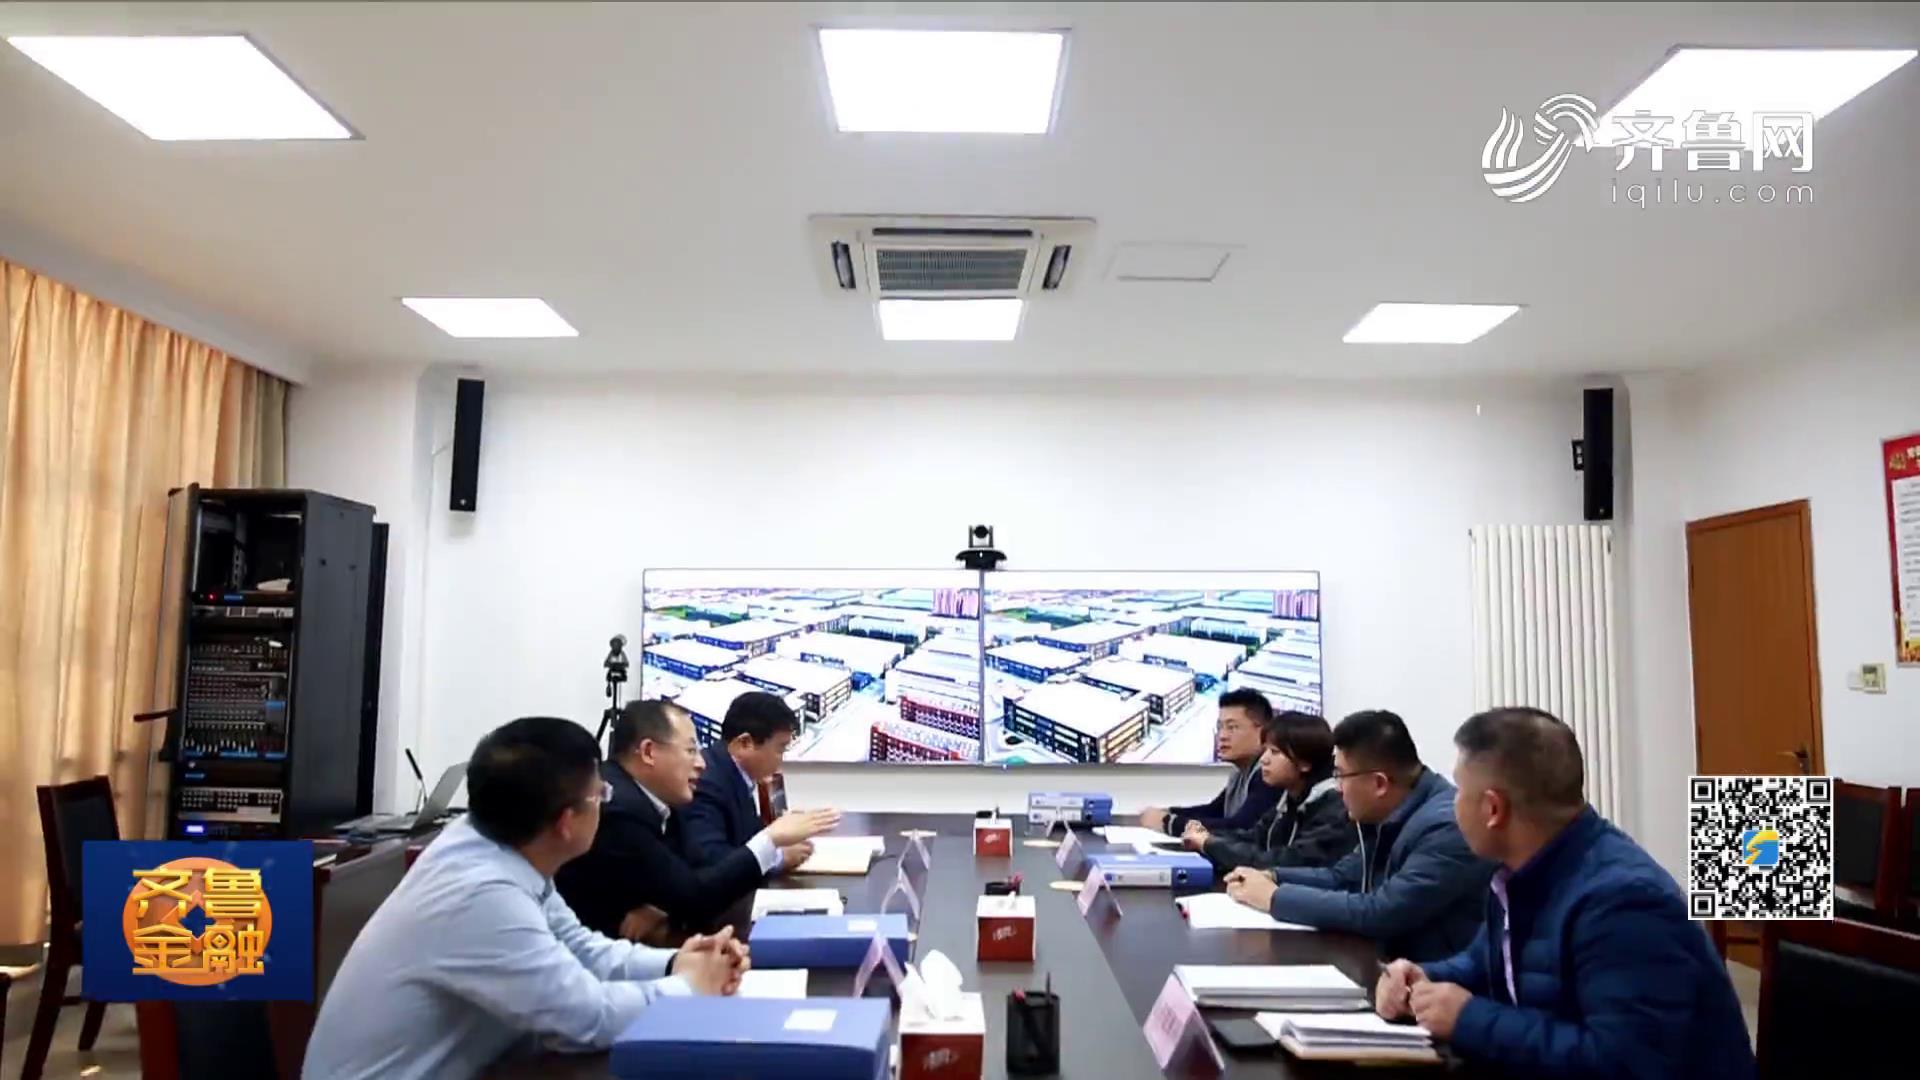 潍坊:优化营商环境 全流程解决企业难题《齐鲁金融》20201209播出